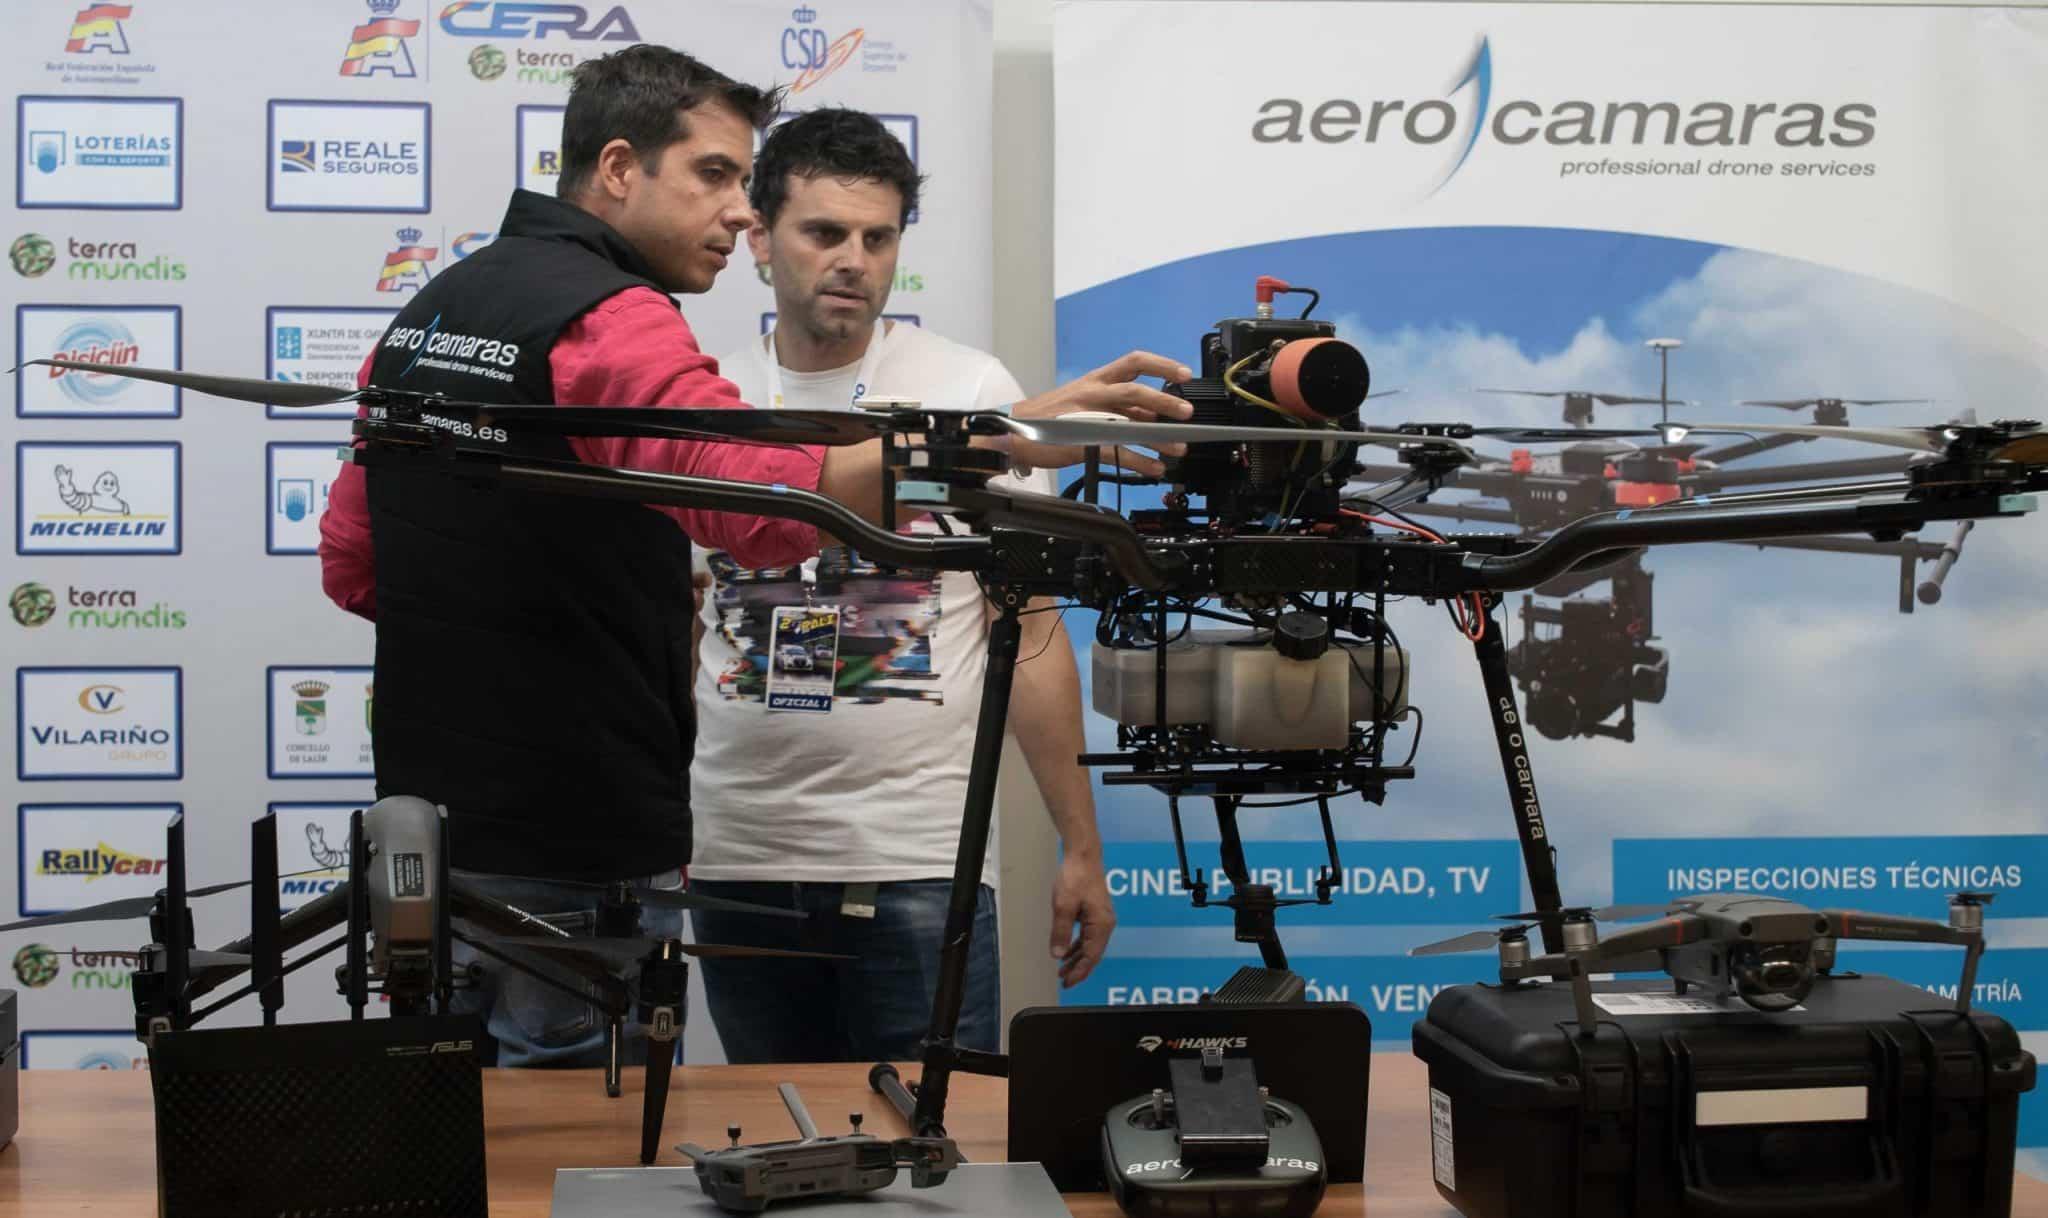 Tipos de planos desde un dron: ¡Aprende a ejecutarlos!